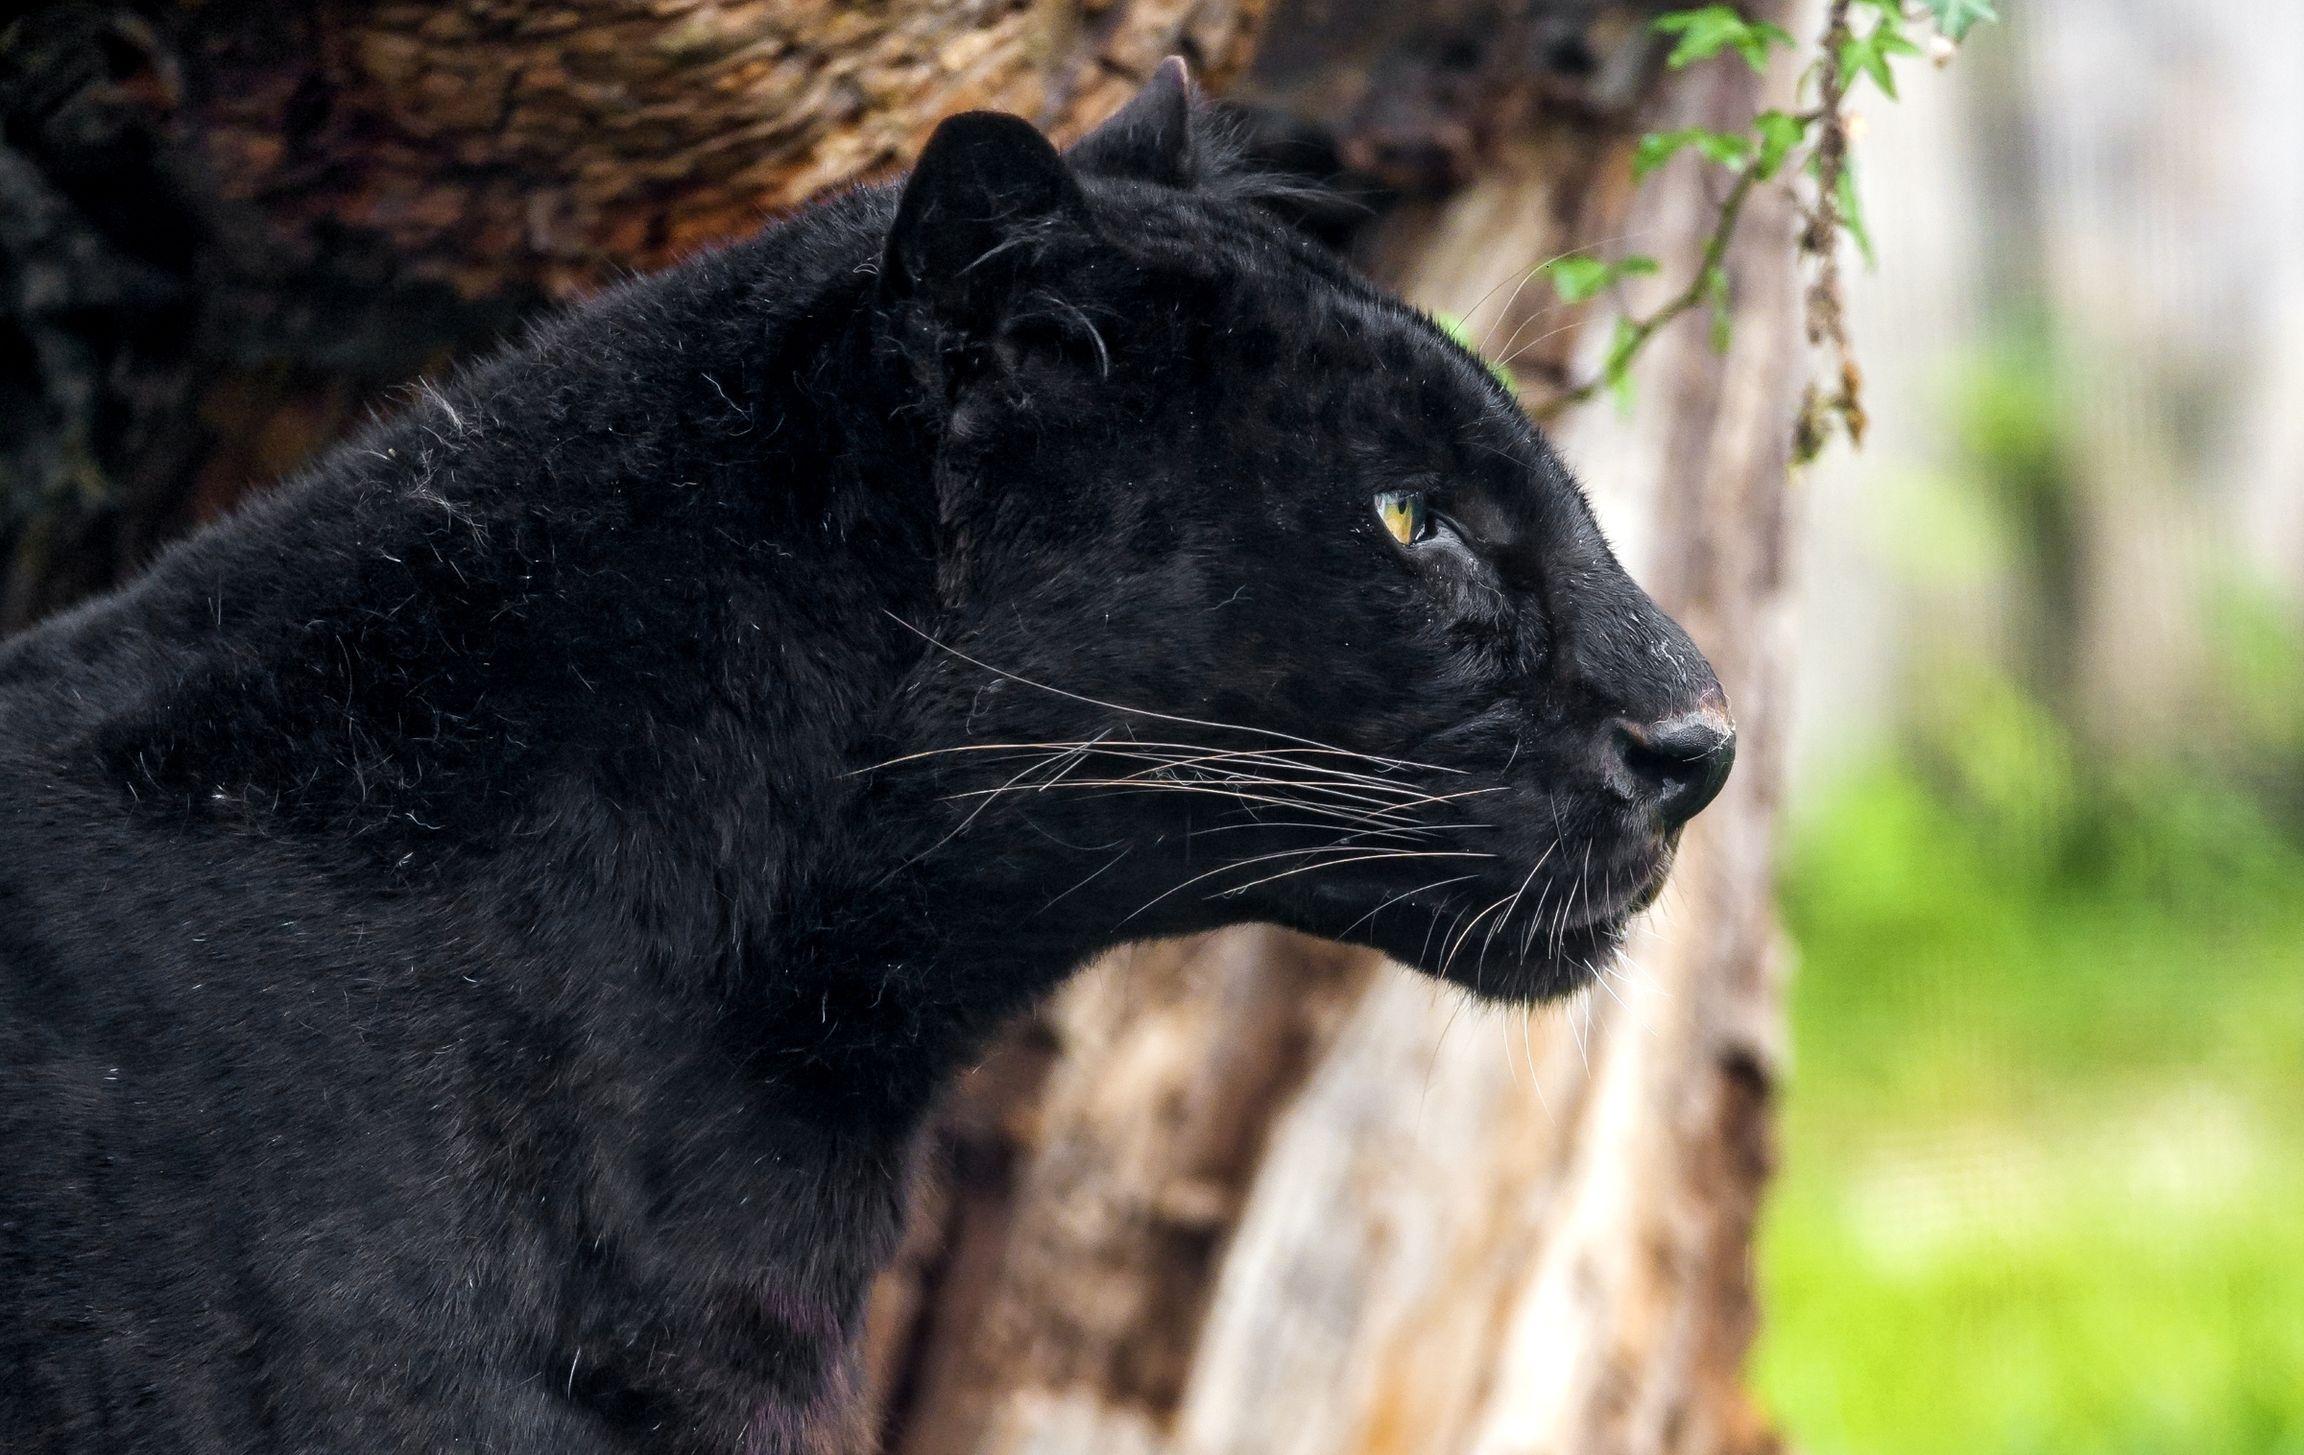 движение картинки с изображением черной пантеры фоновые